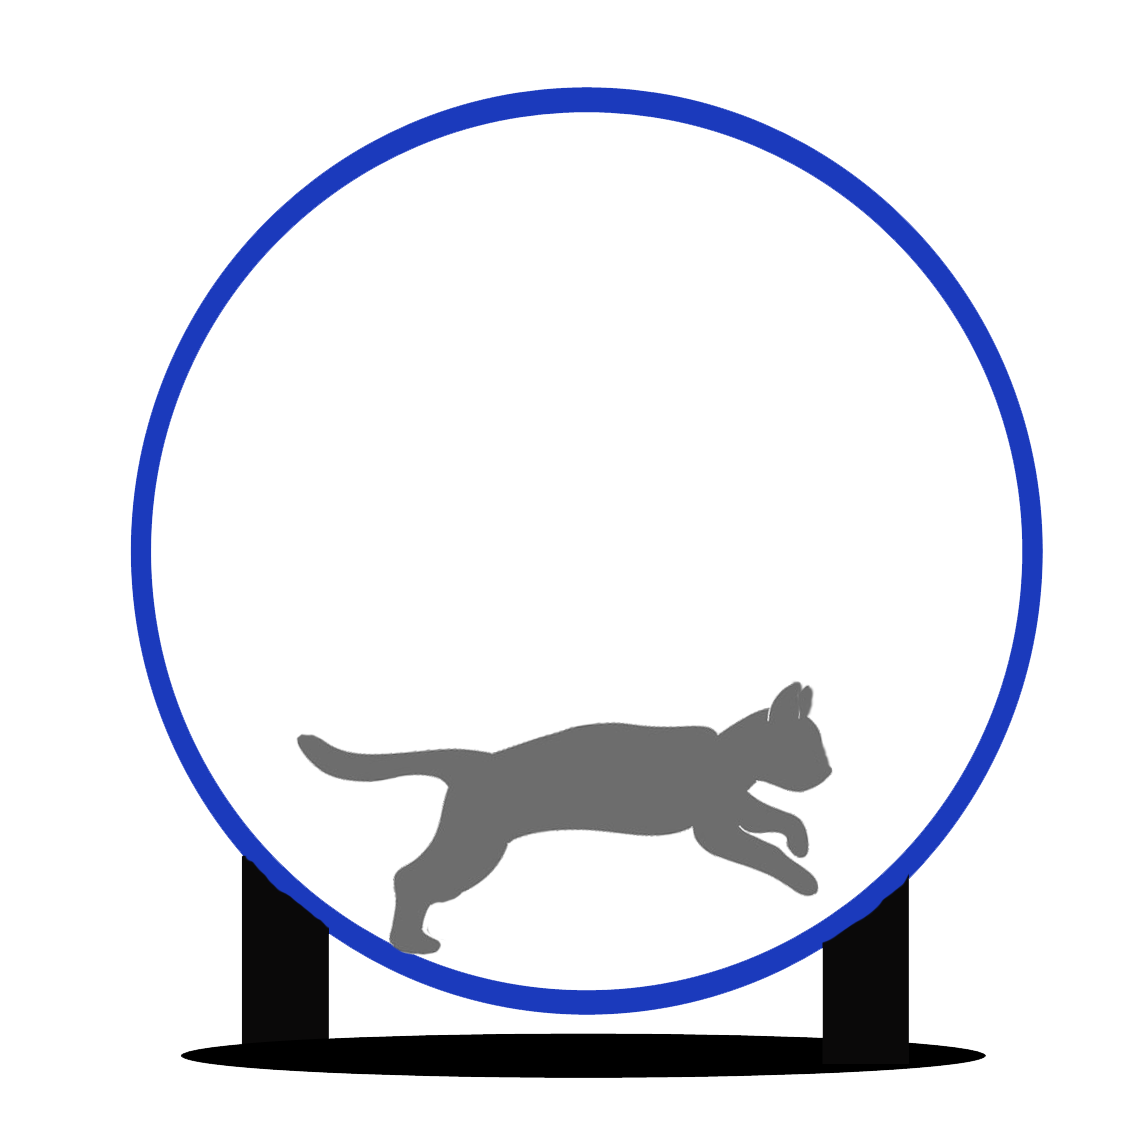 File:Cat wheel.png